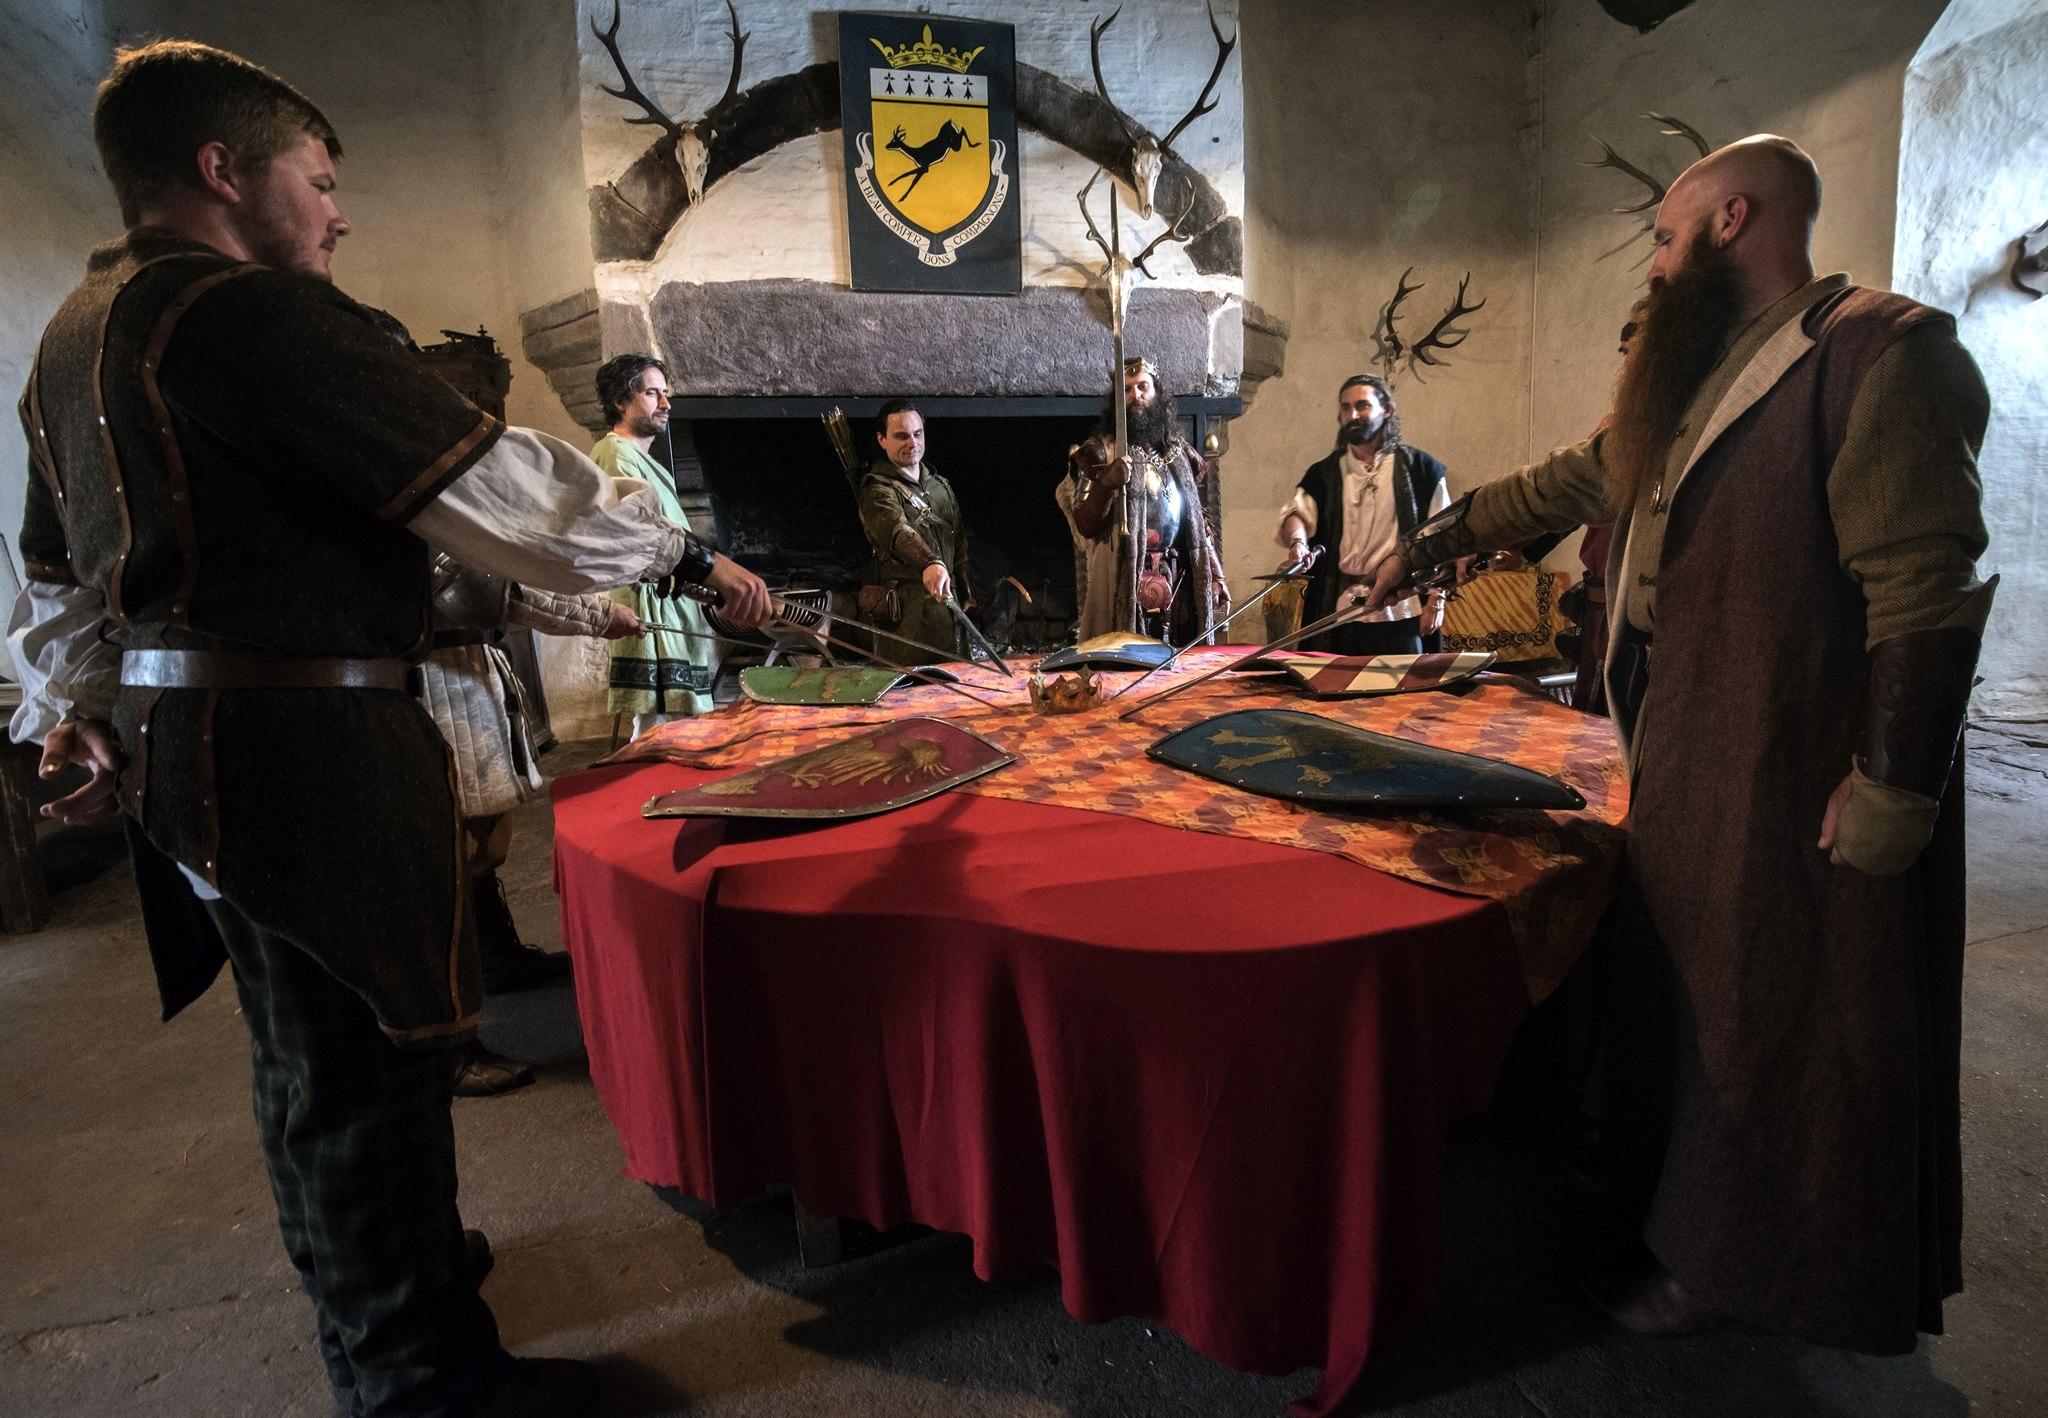 Devenir chevalier broc liande en bretagne - Keu chevalier de la table ronde ...